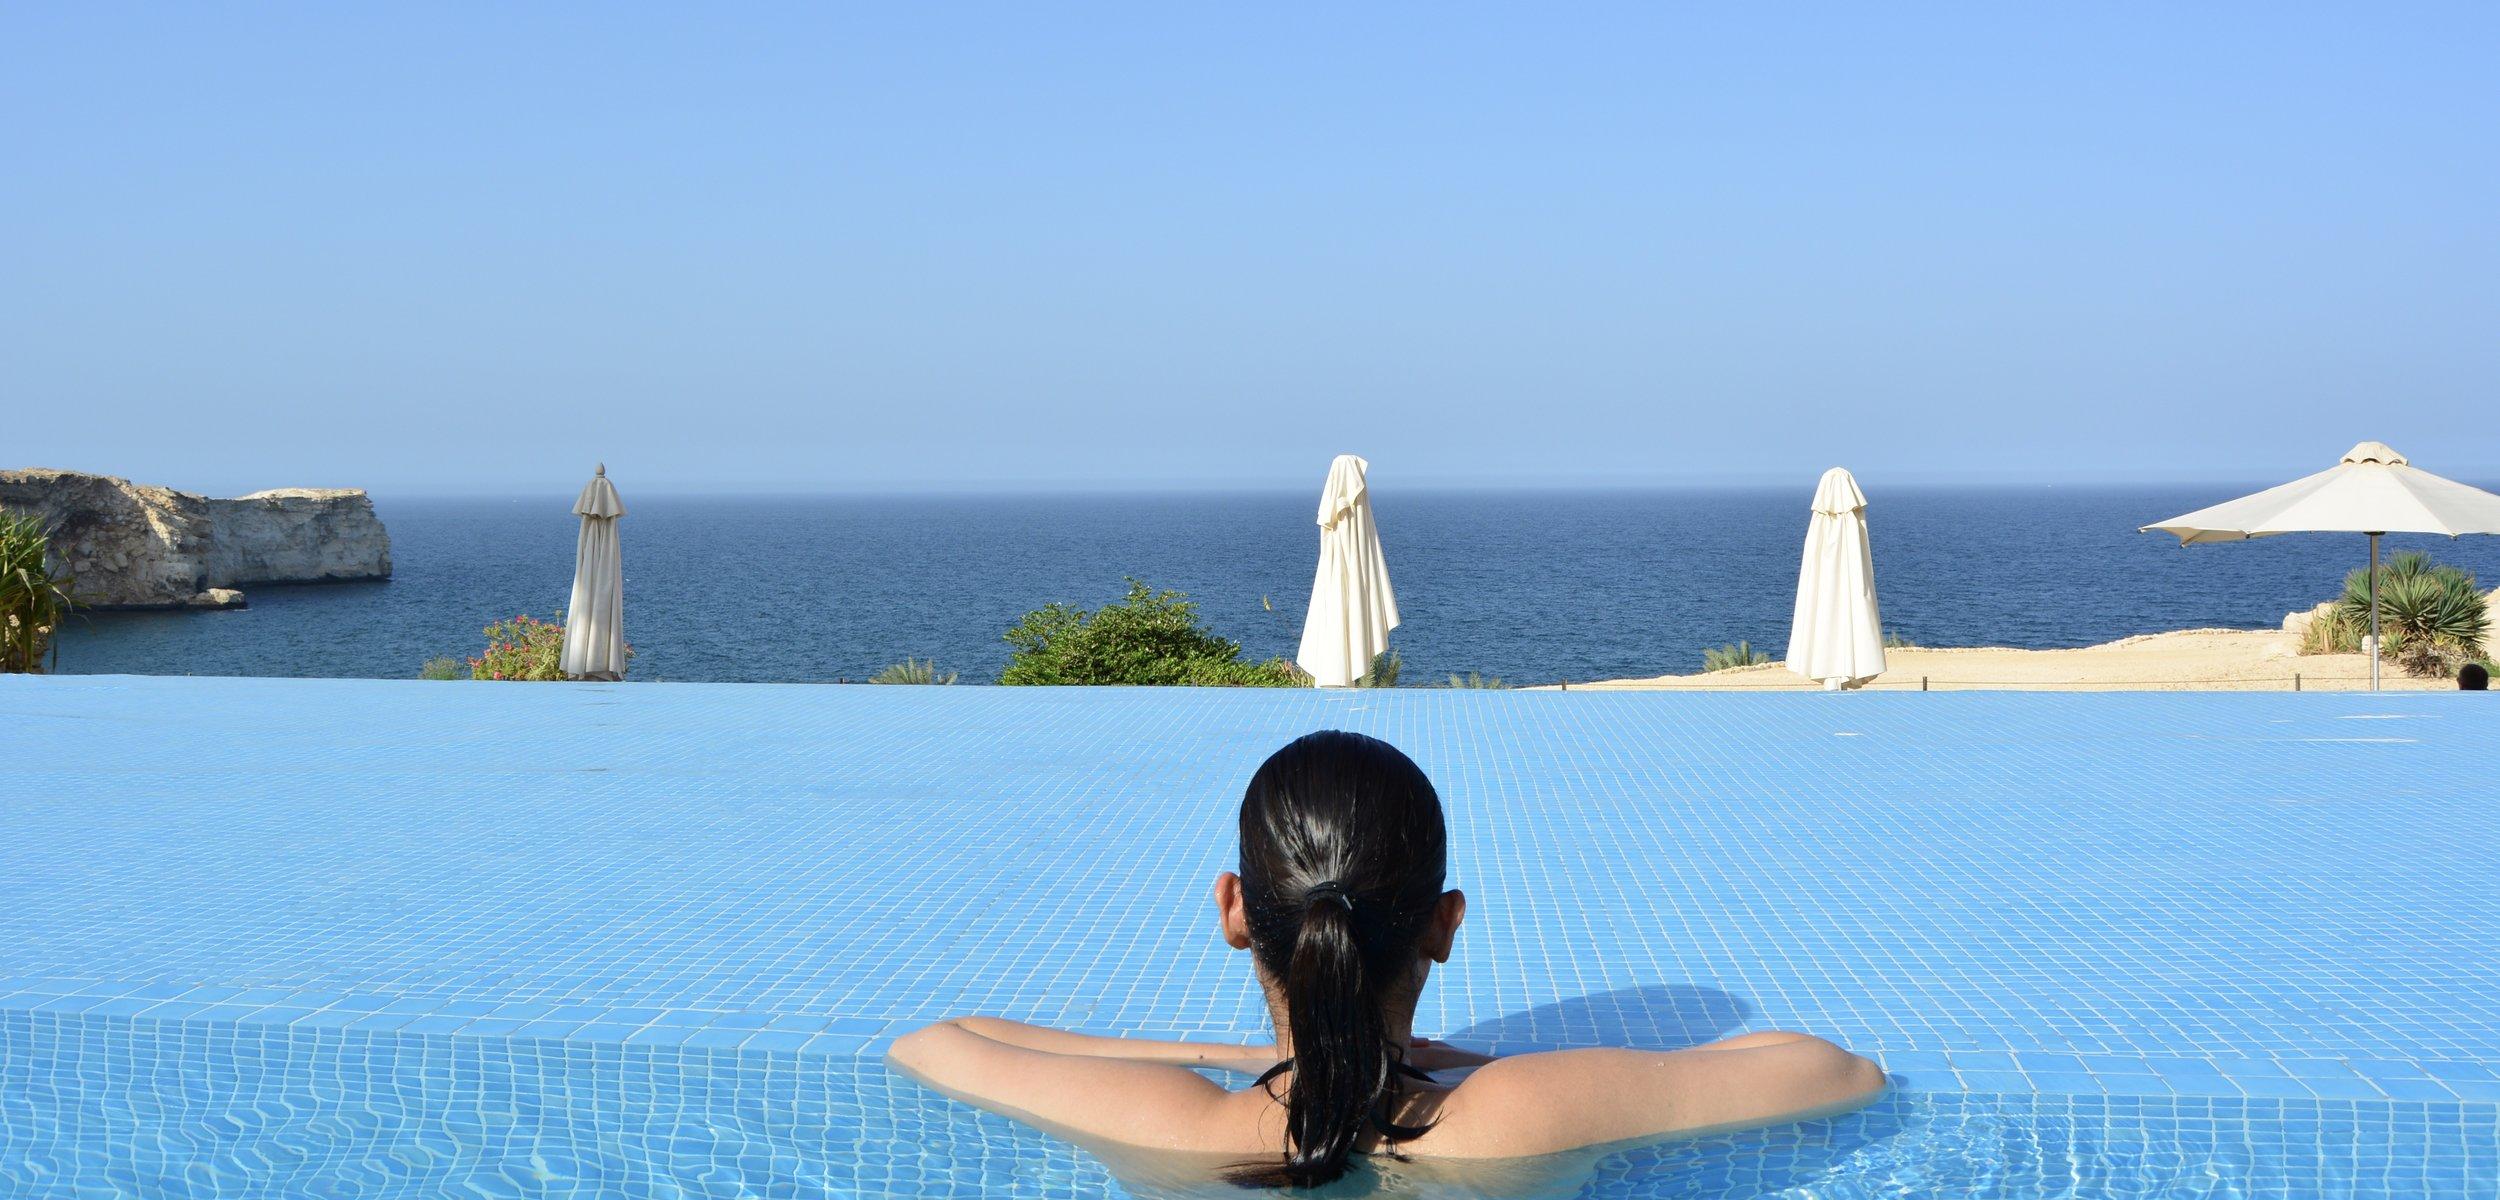 Al Husn Swimming Pool (Shangri-La Muscat)